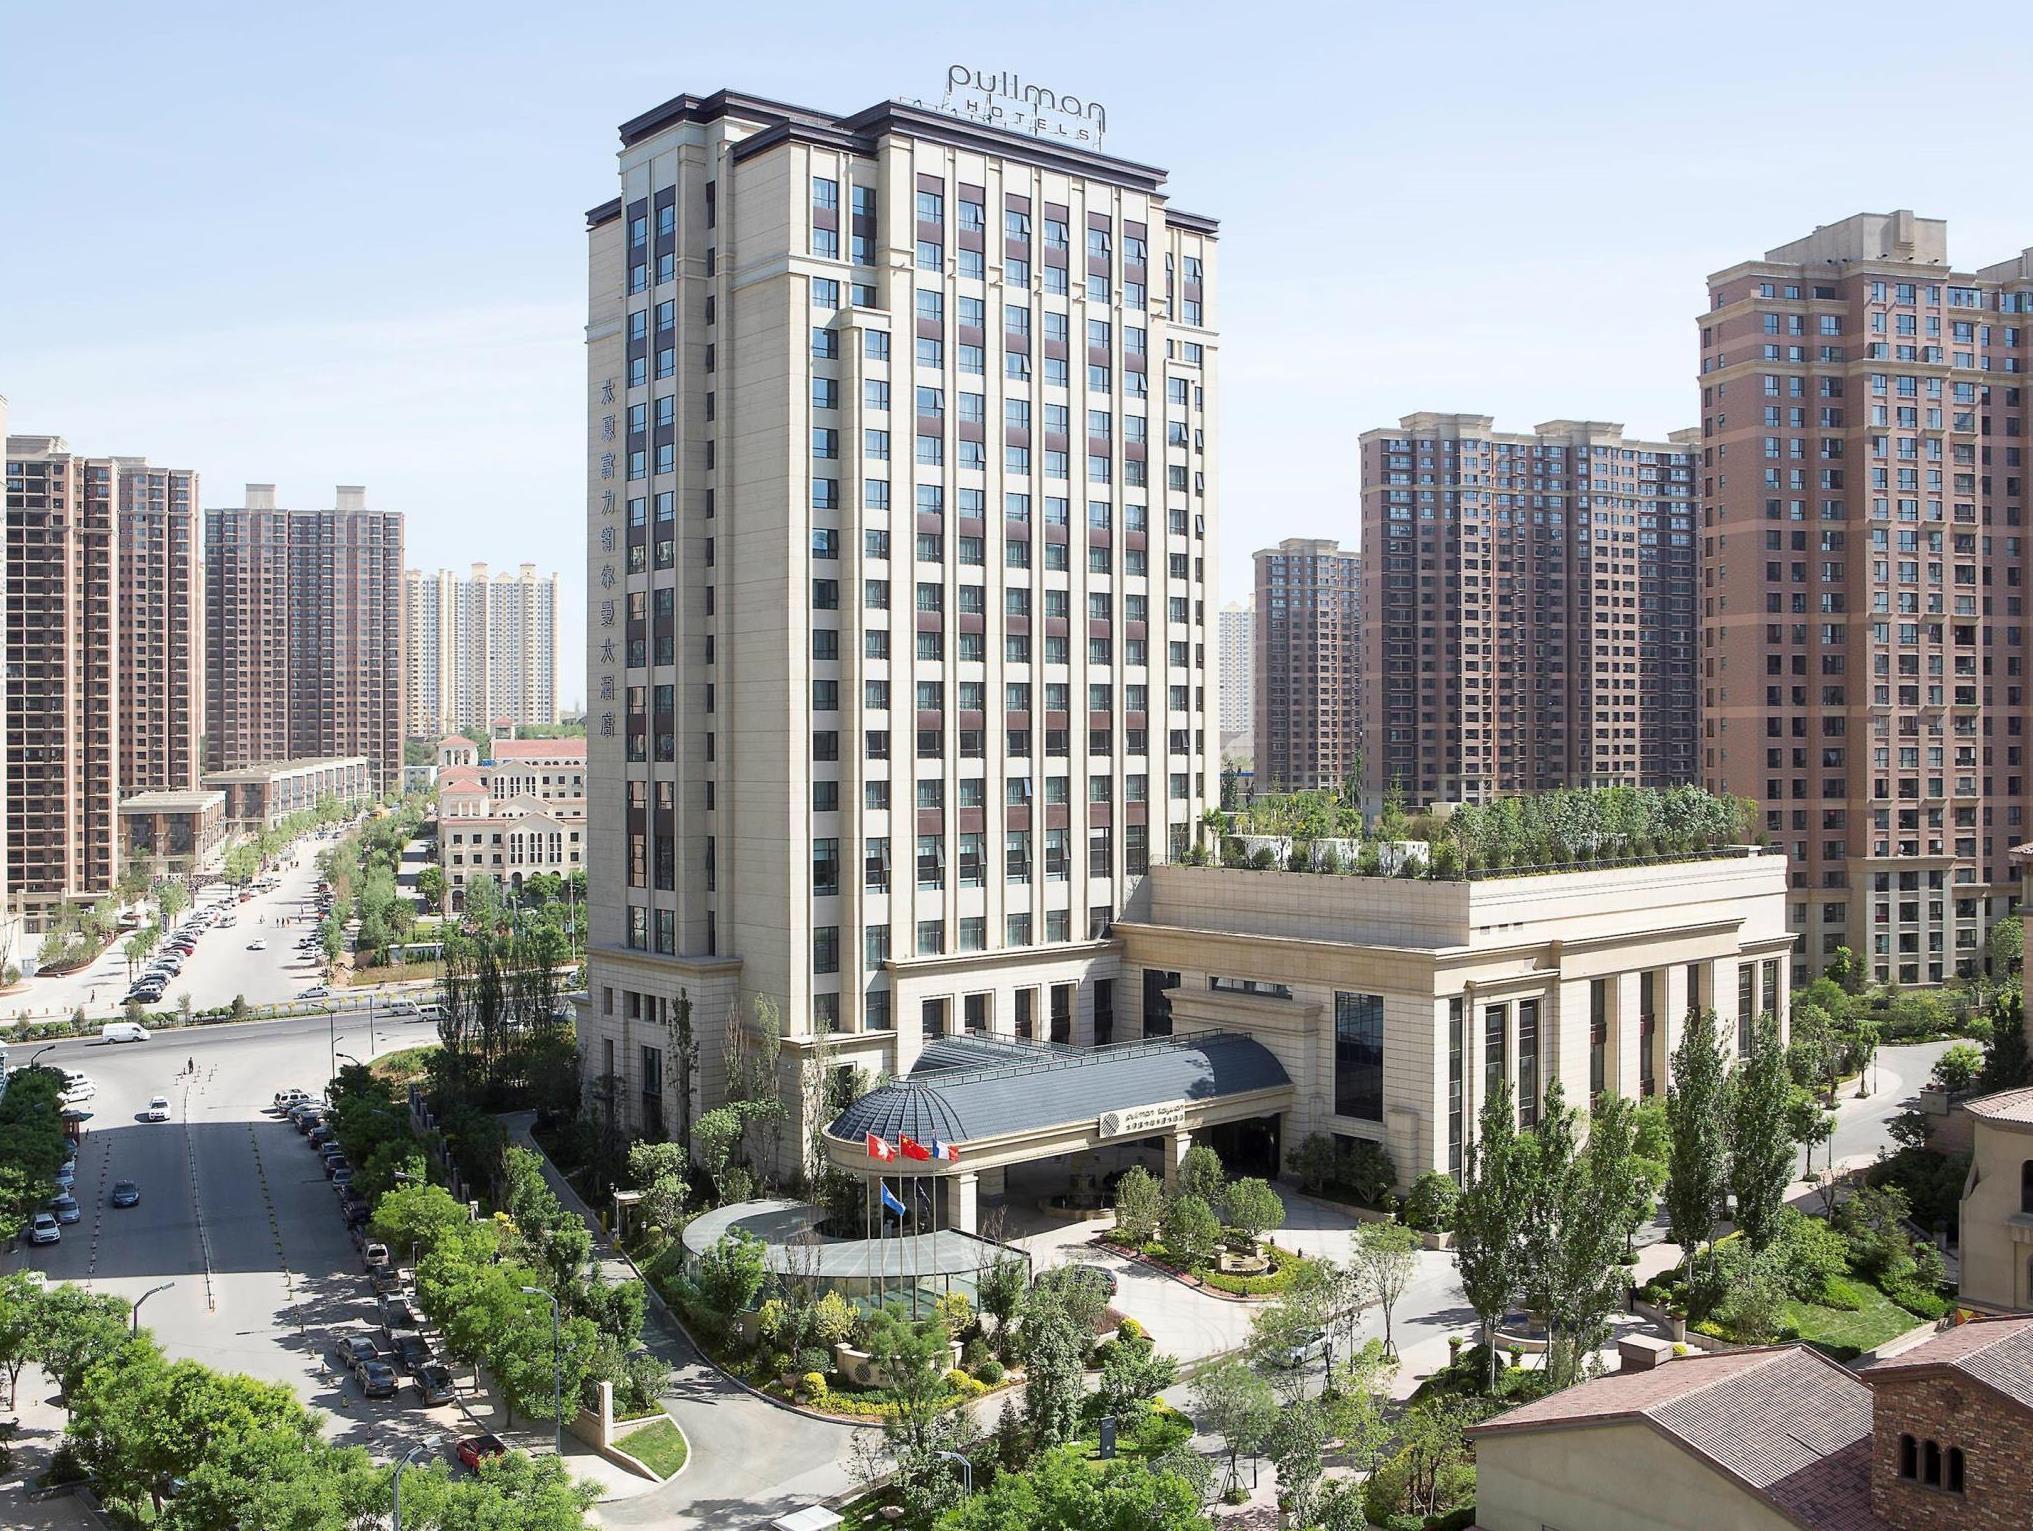 Pullman Taiyuan, Taiyuan